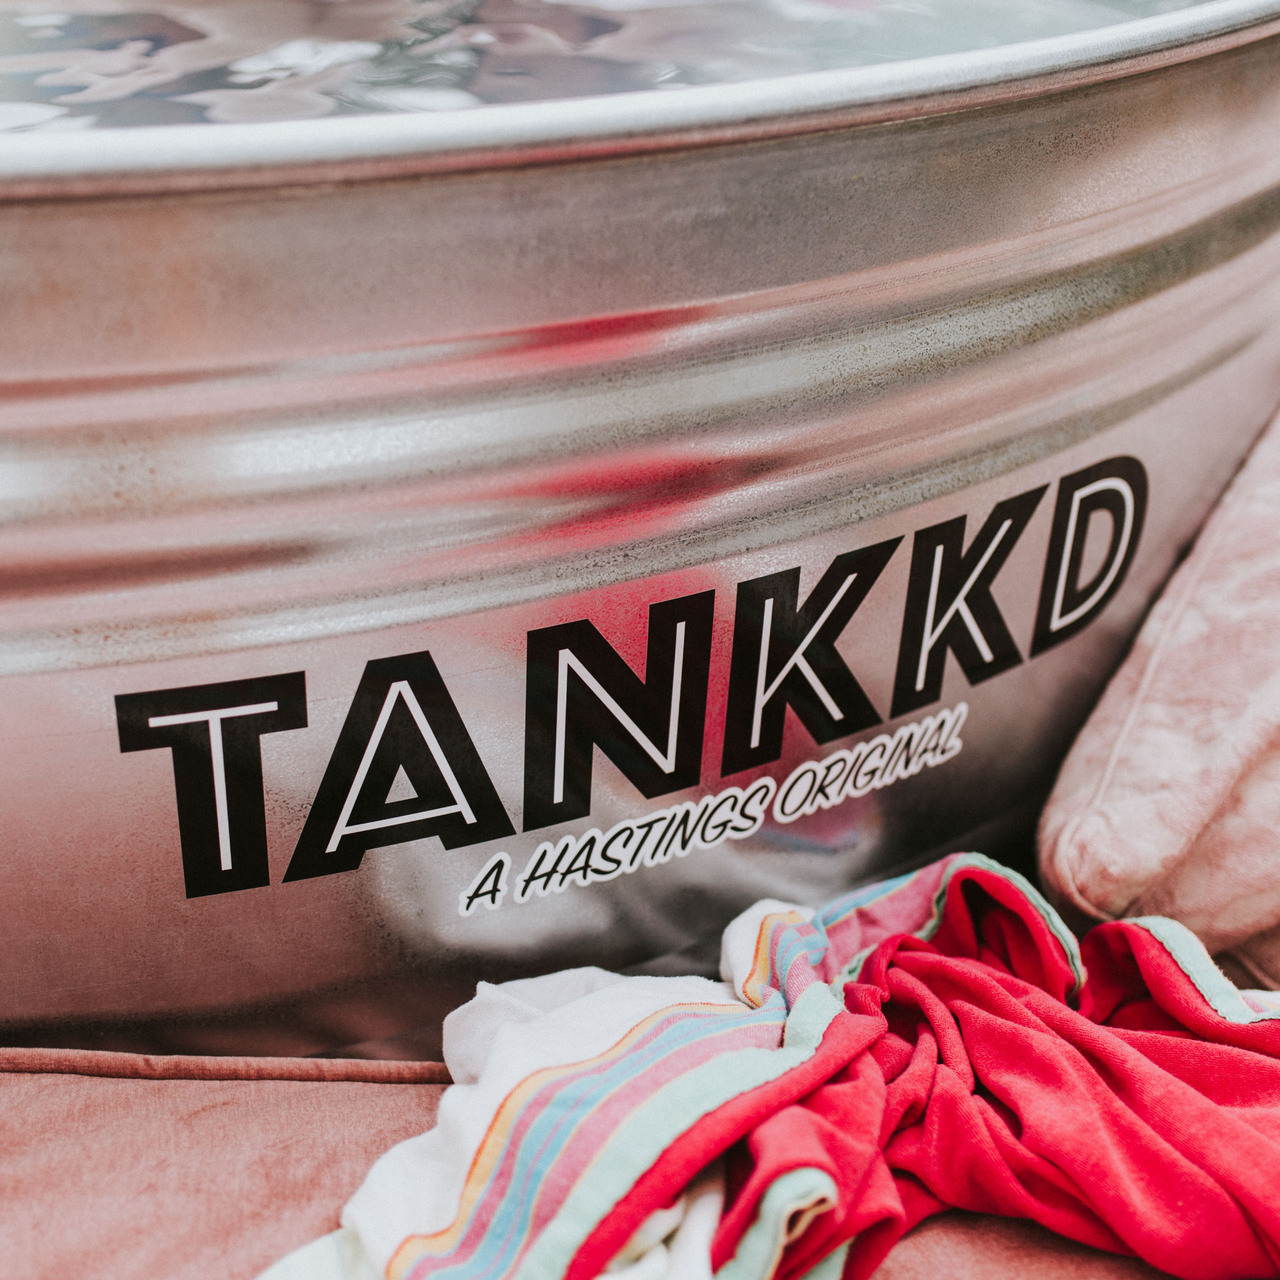 Runder Pool von 'Tankkd'